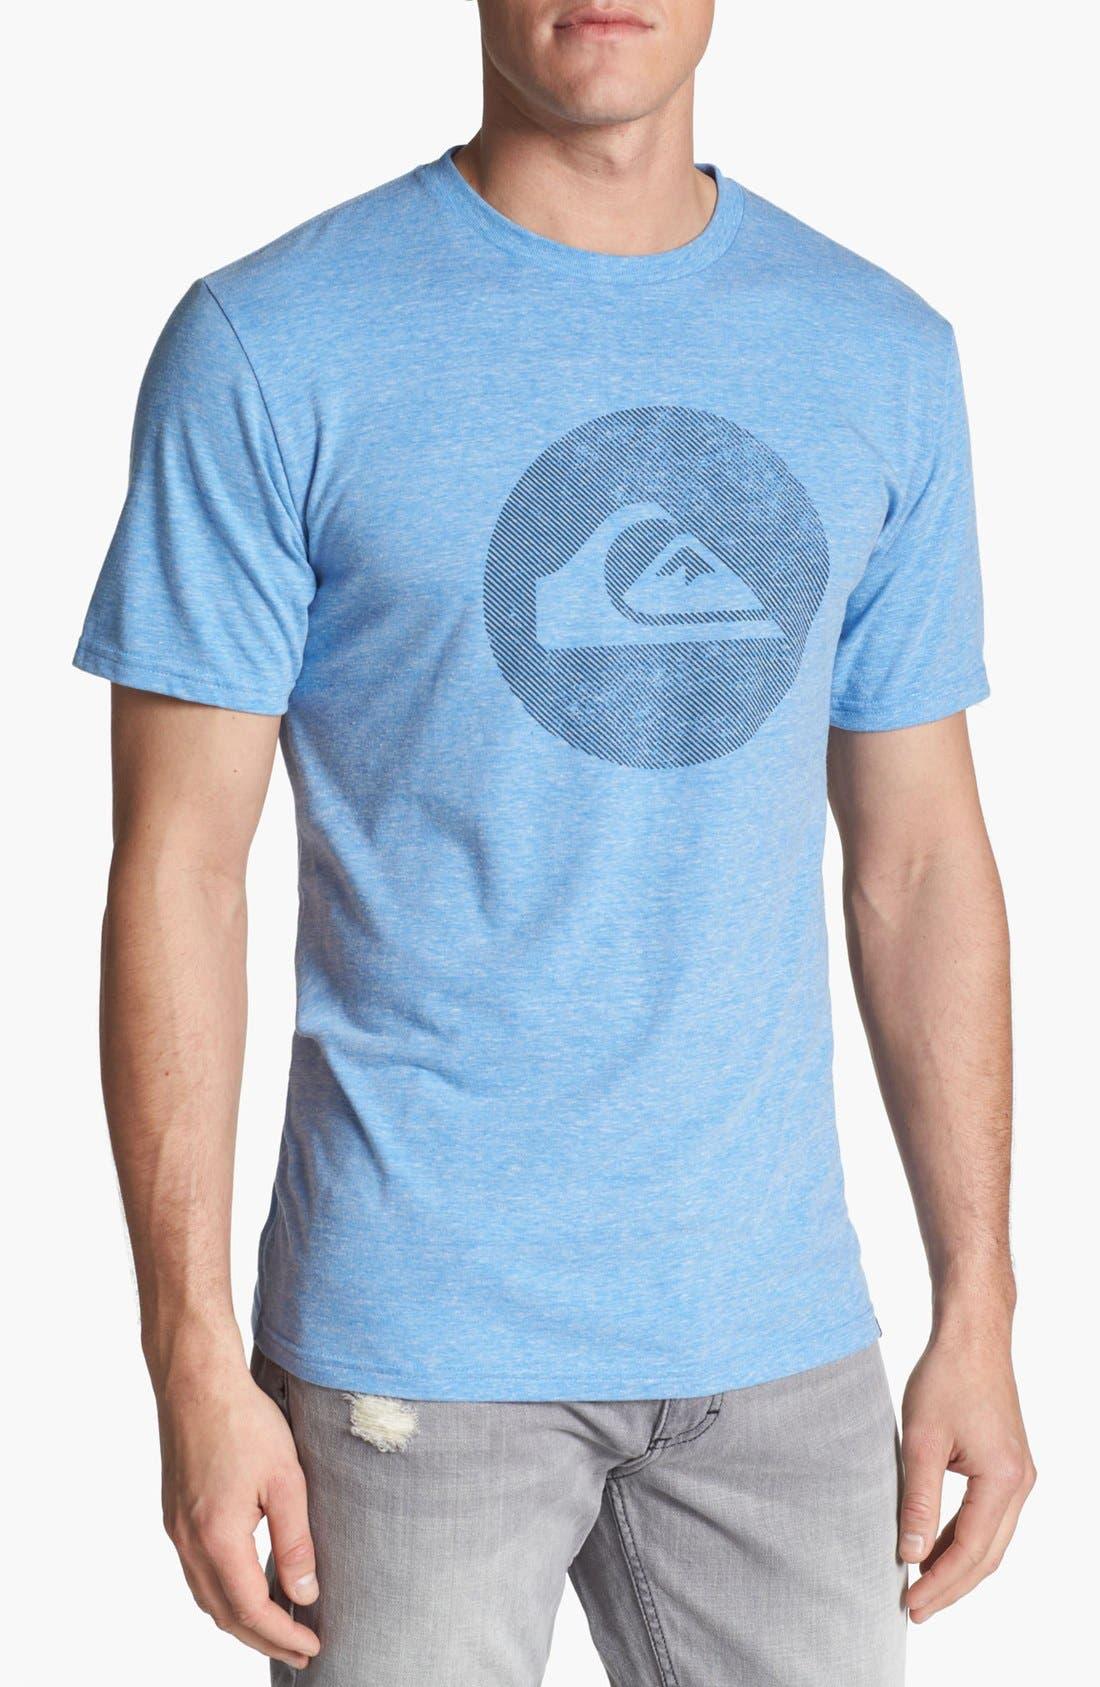 Main Image - Quiksilver 'Tilt' Graphic T-Shirt